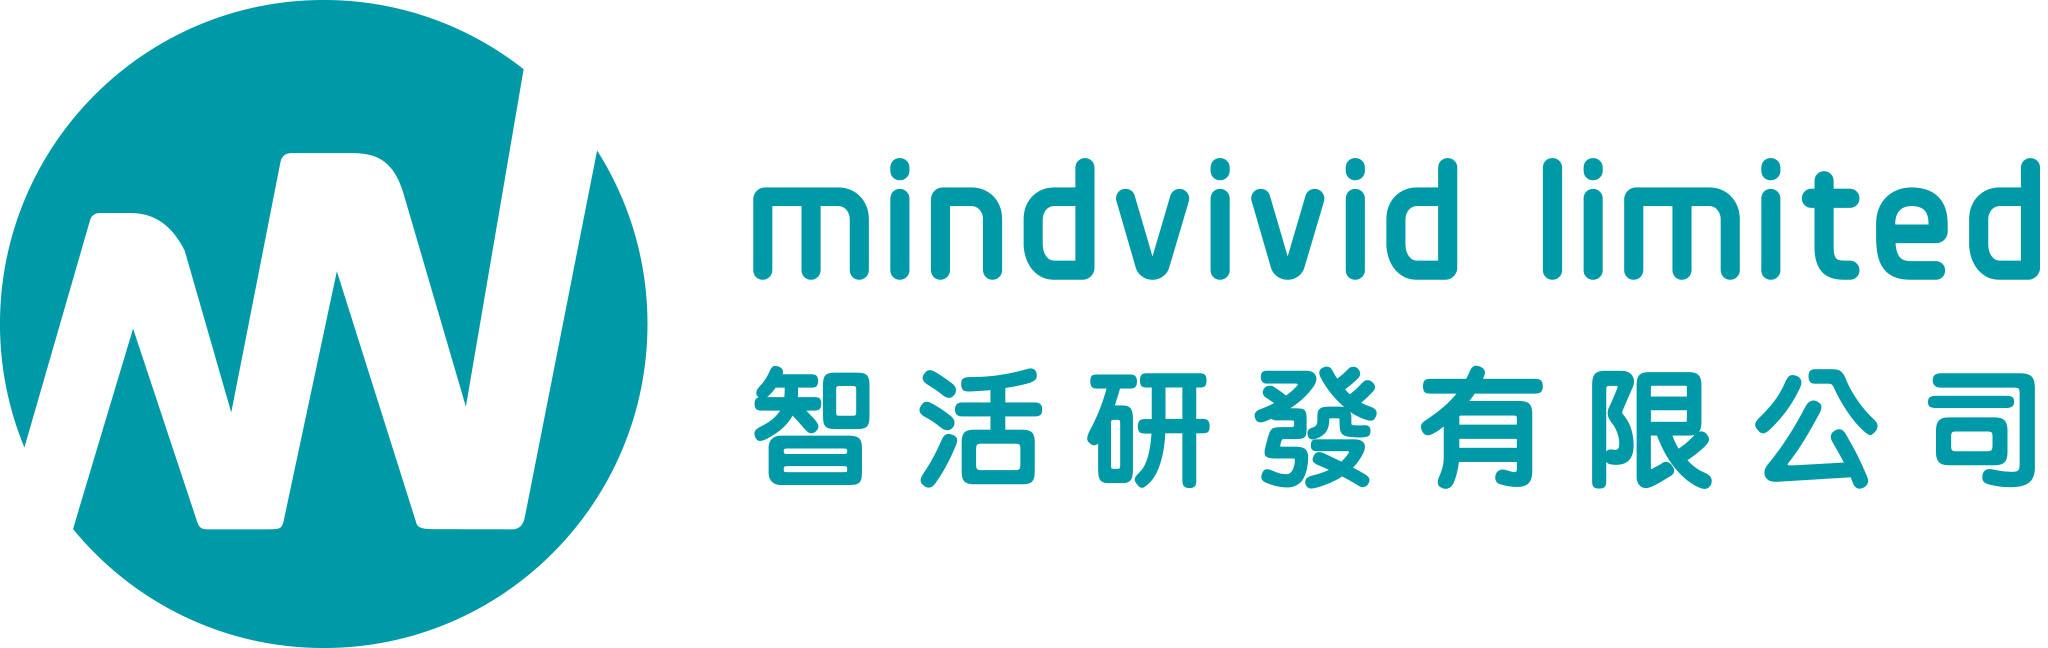 Mindvivid Limited